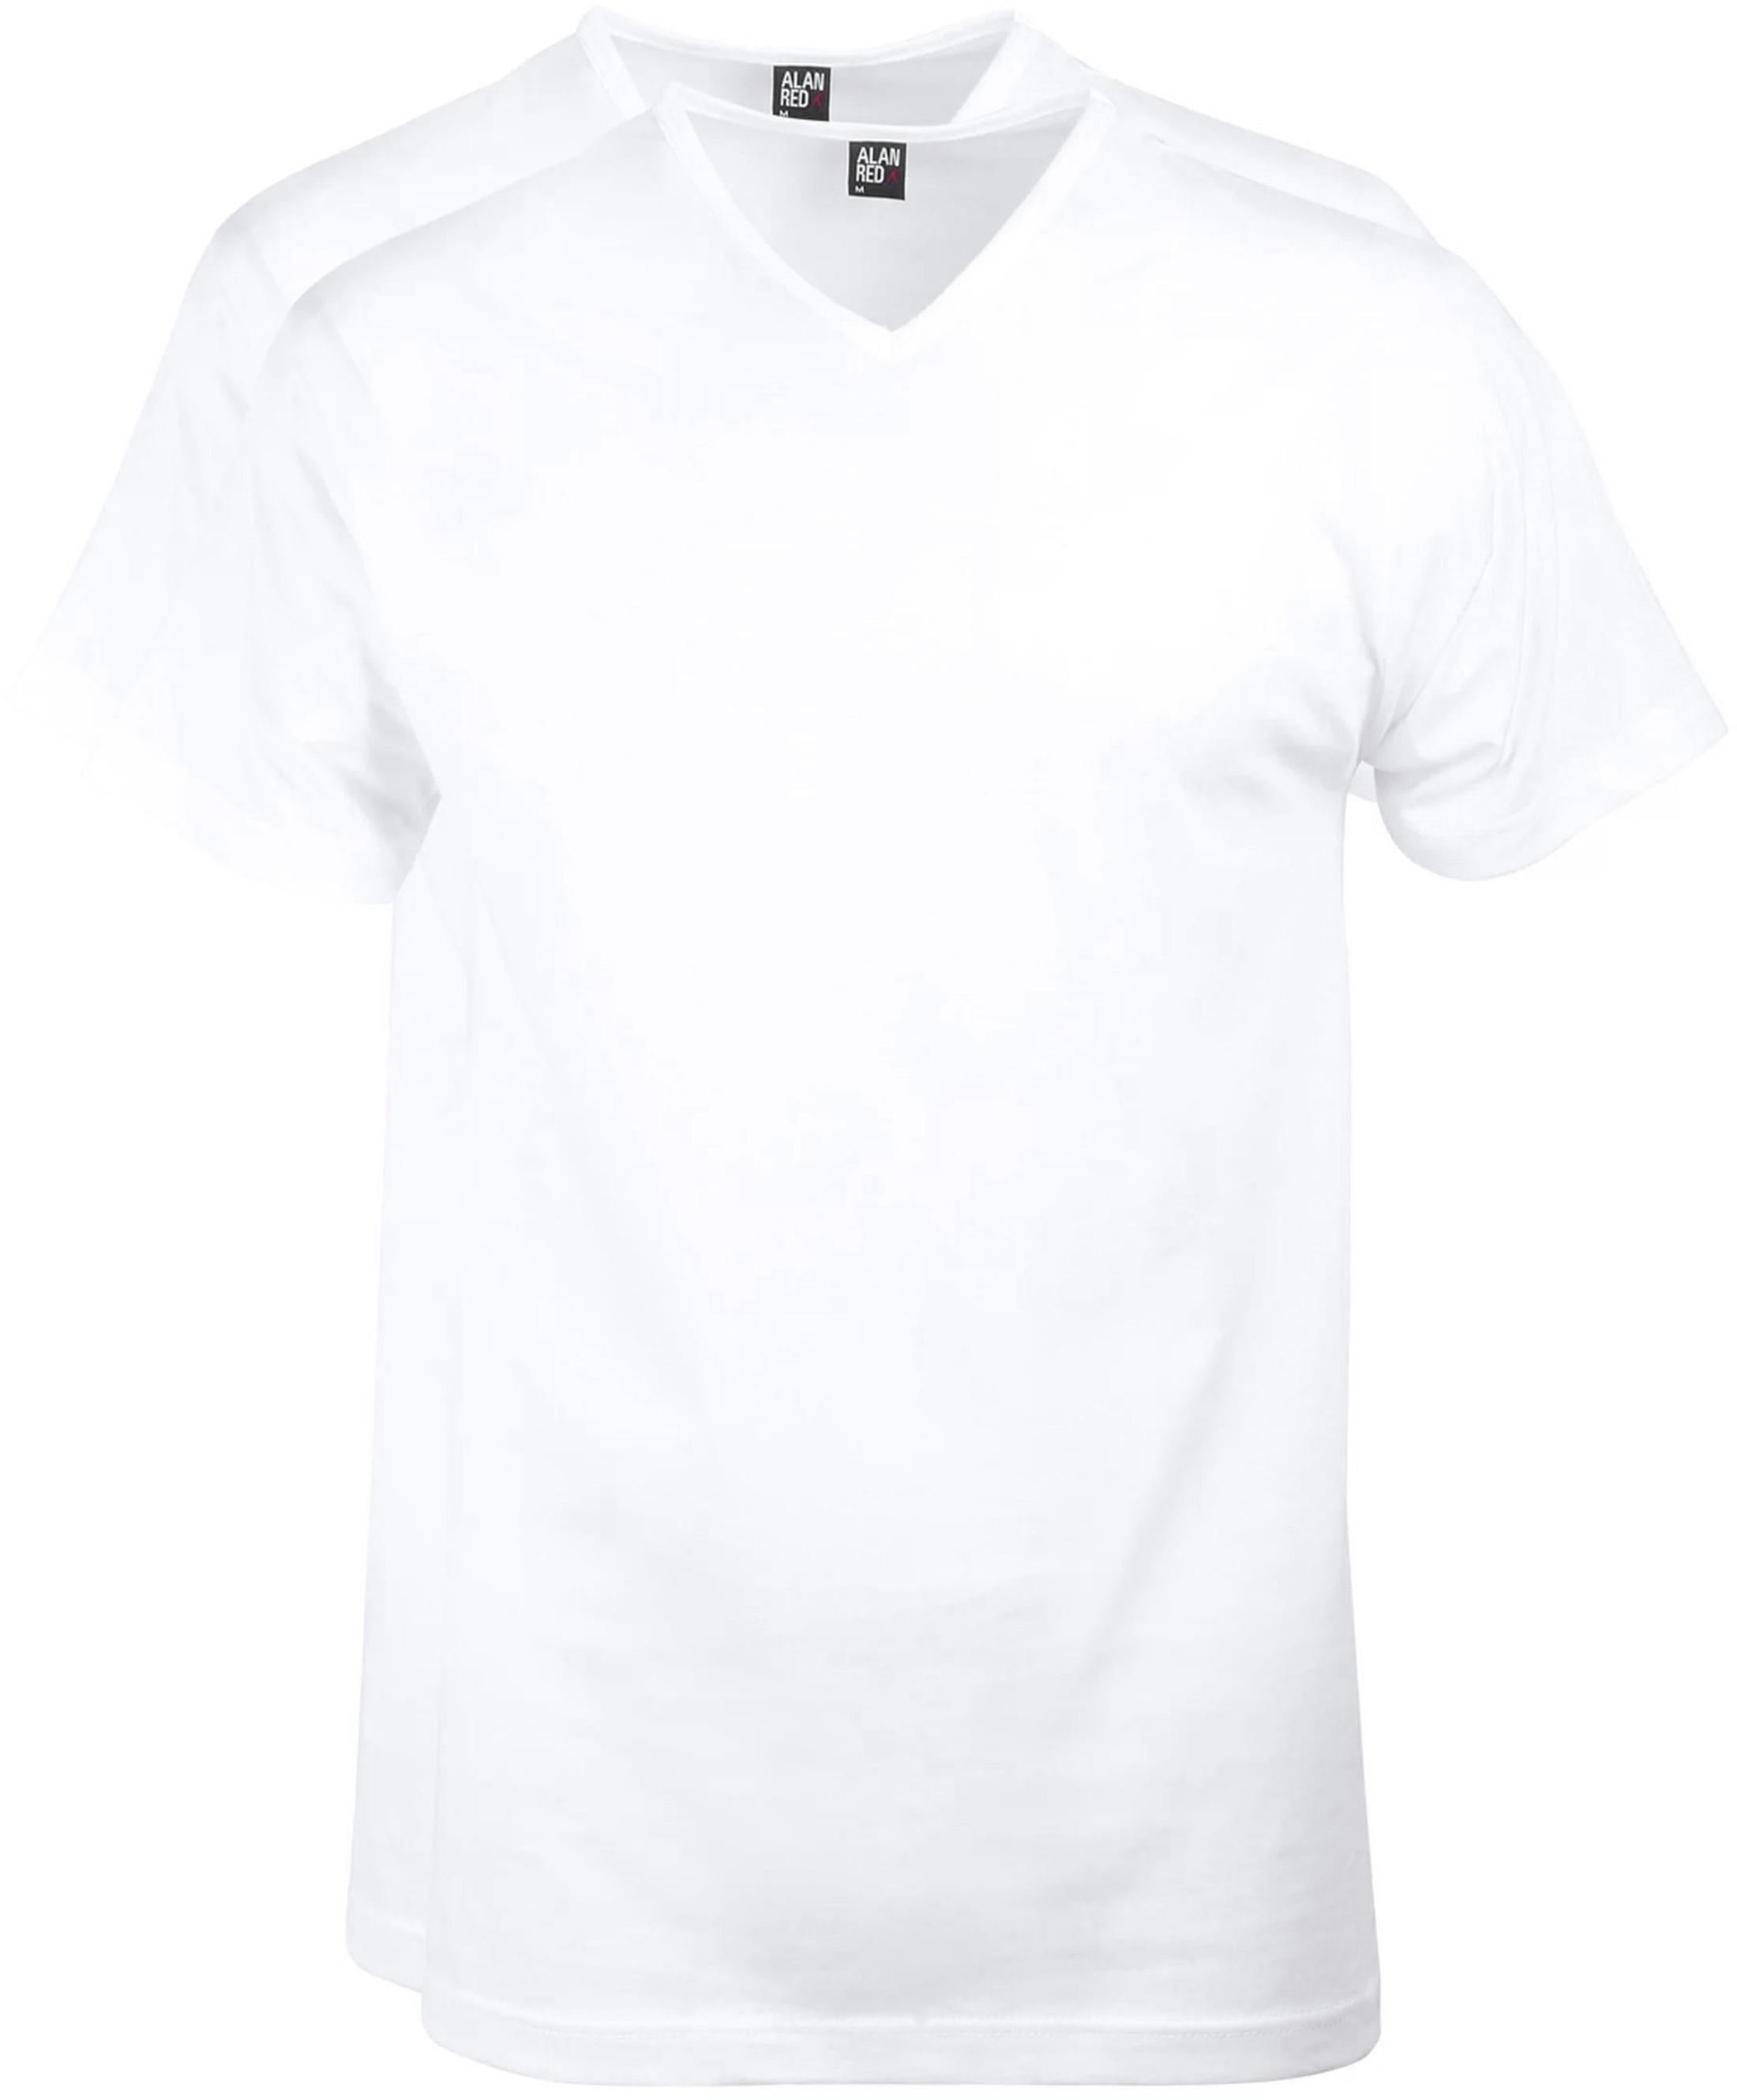 Alan Red Vermont T-Shirt V-Neck White (2Pack) foto 0